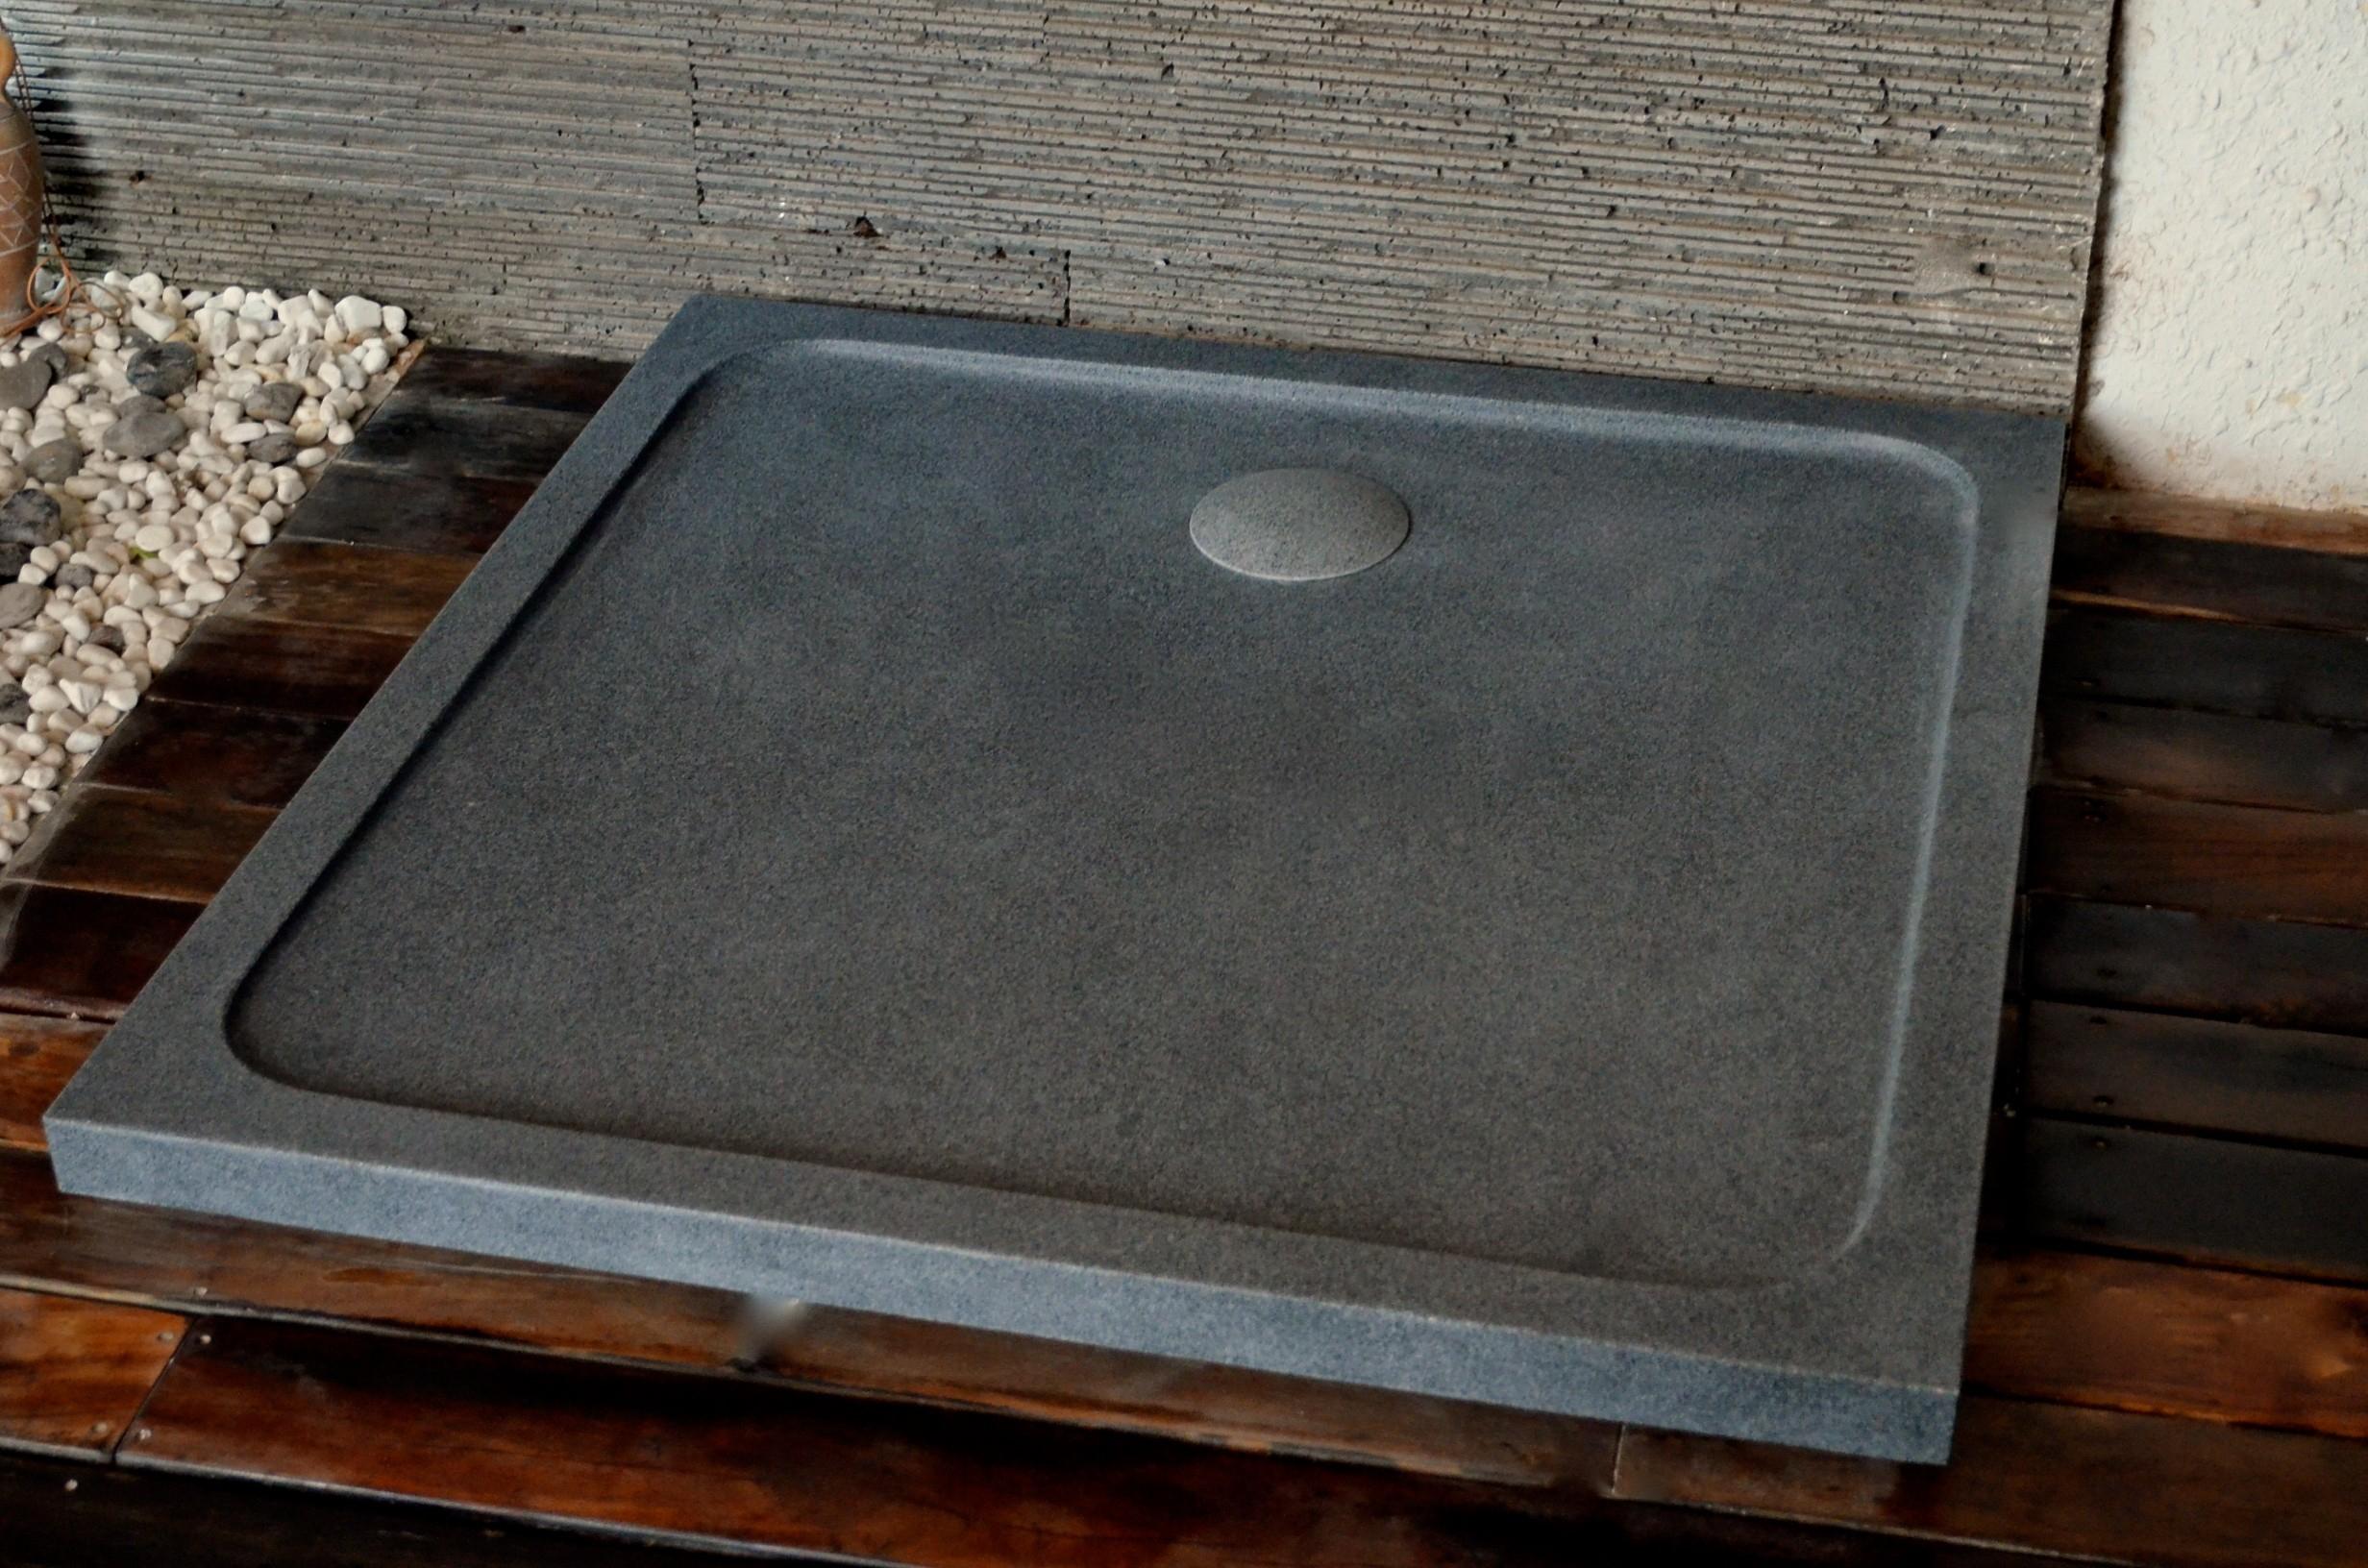 Bac De Douche En Granit 100X100 Pierre Extra Plat Squarium concernant Receveur Douche 100X100